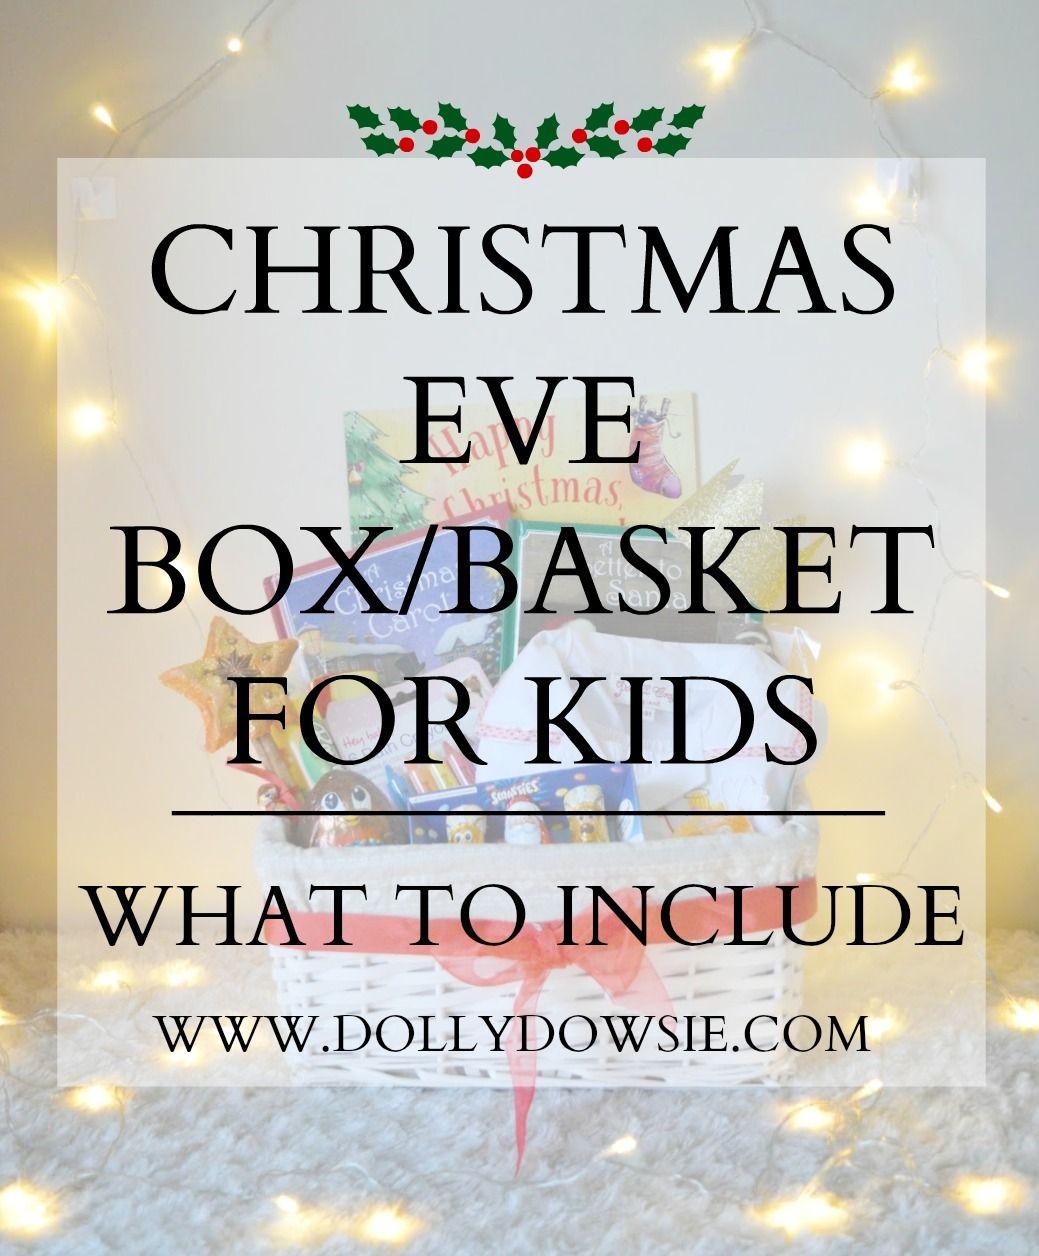 Christmas Eve Box/Basket For Kids   Christmas eve box, Christmas eve, Christmas eve box for kids